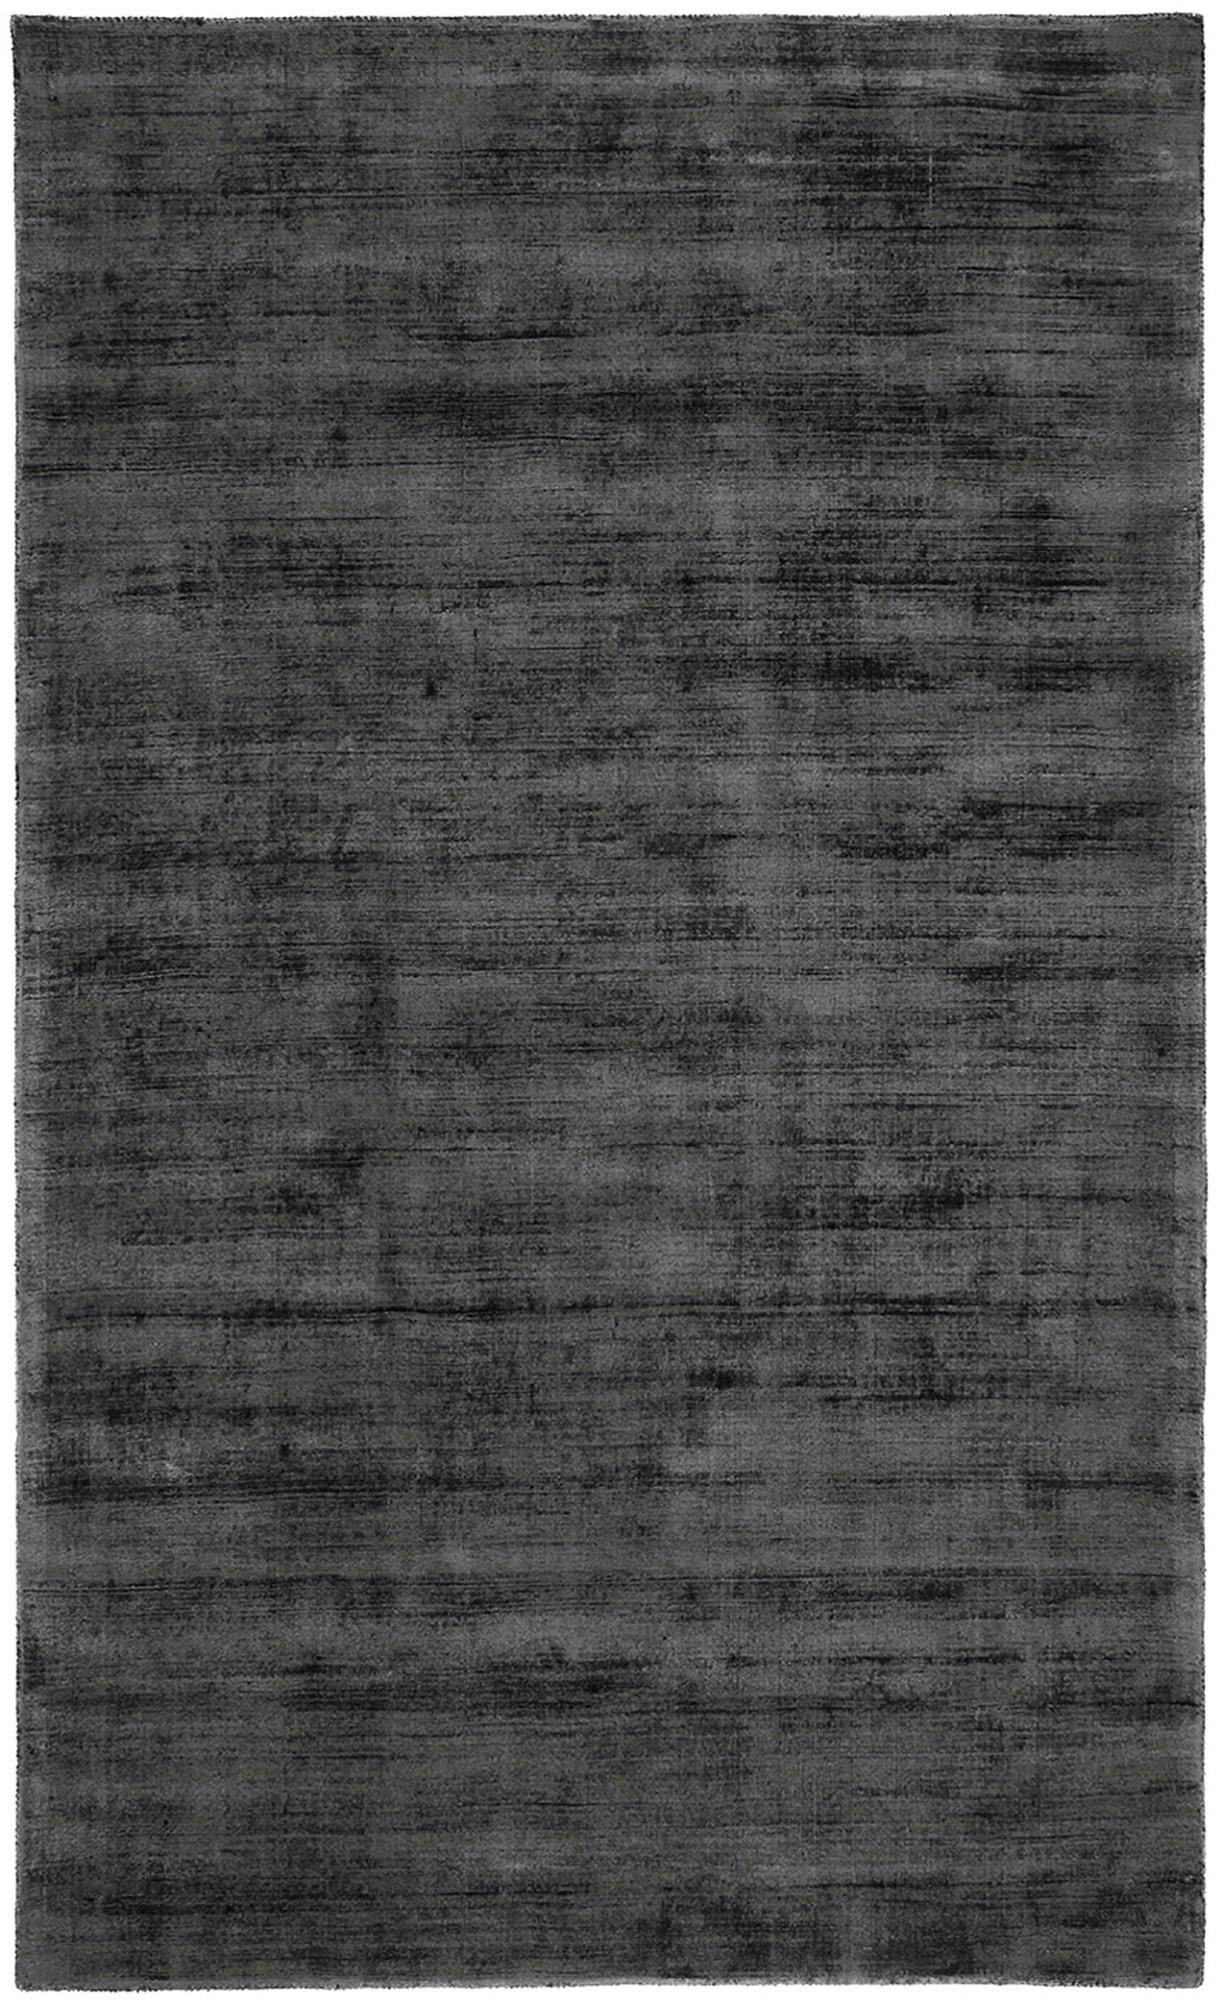 Handgewebter Viskoseteppich Jane in Anthrazit-Schwarz, Flor: 100% Viskose, Anthrazit-Schwarz, B 90 x L 150 cm (Grösse XS)